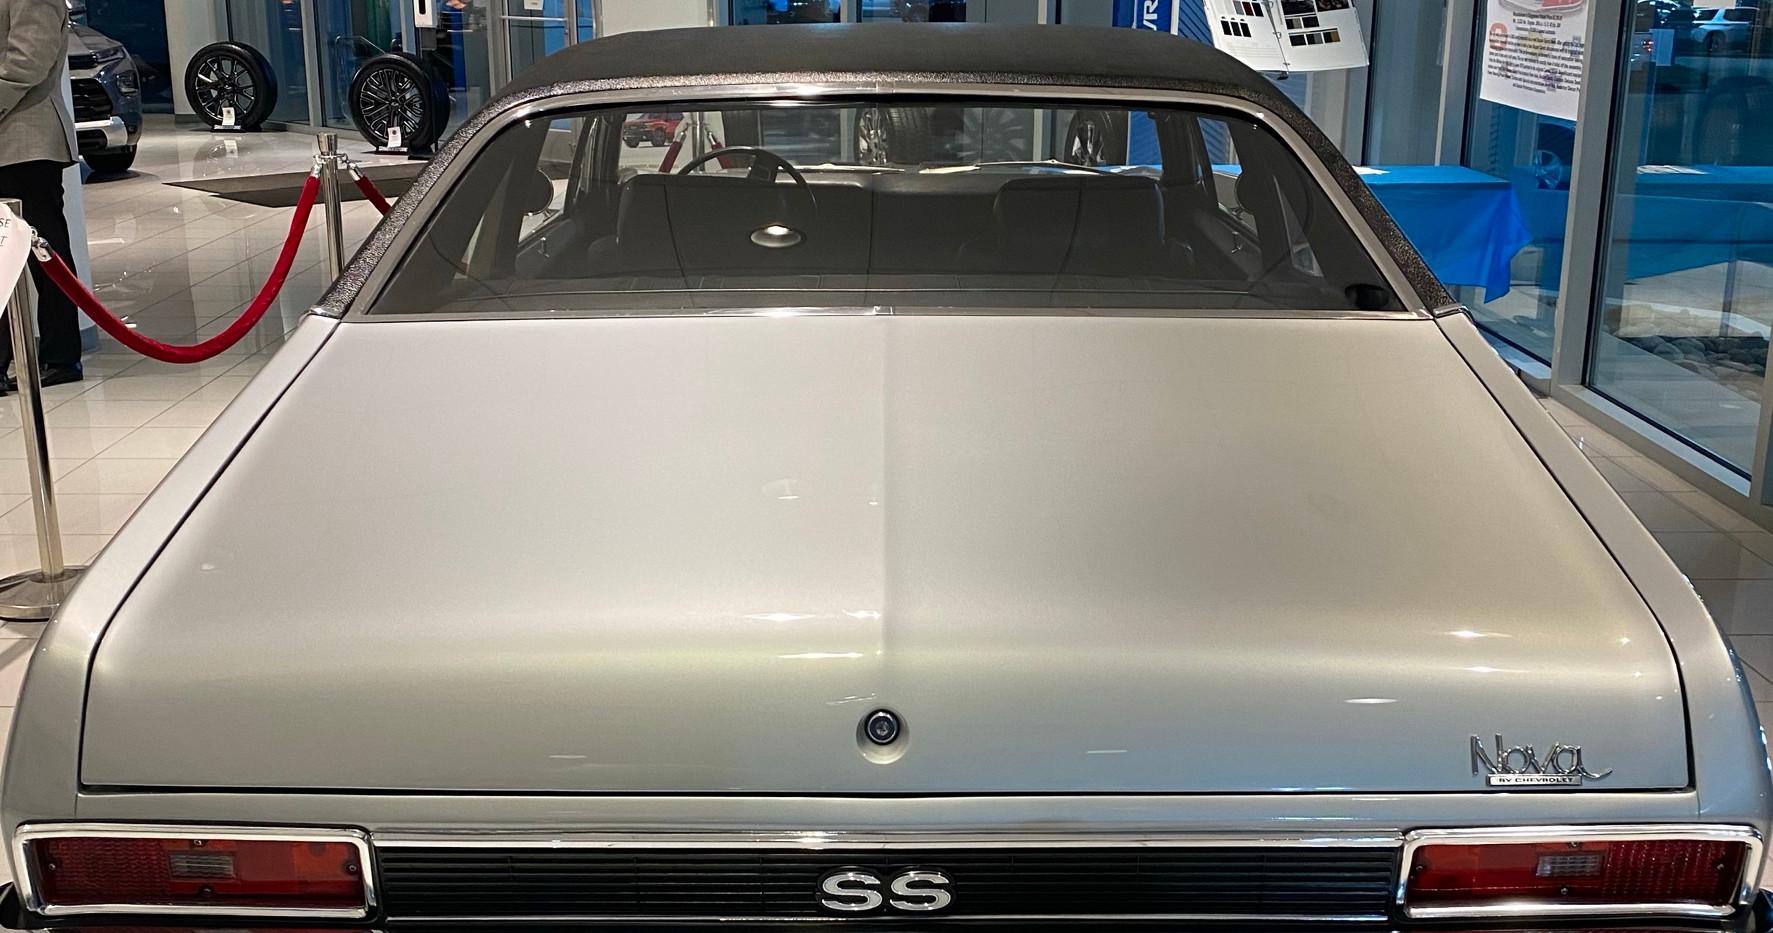 Don Cook's 1970 Nova Super Sport